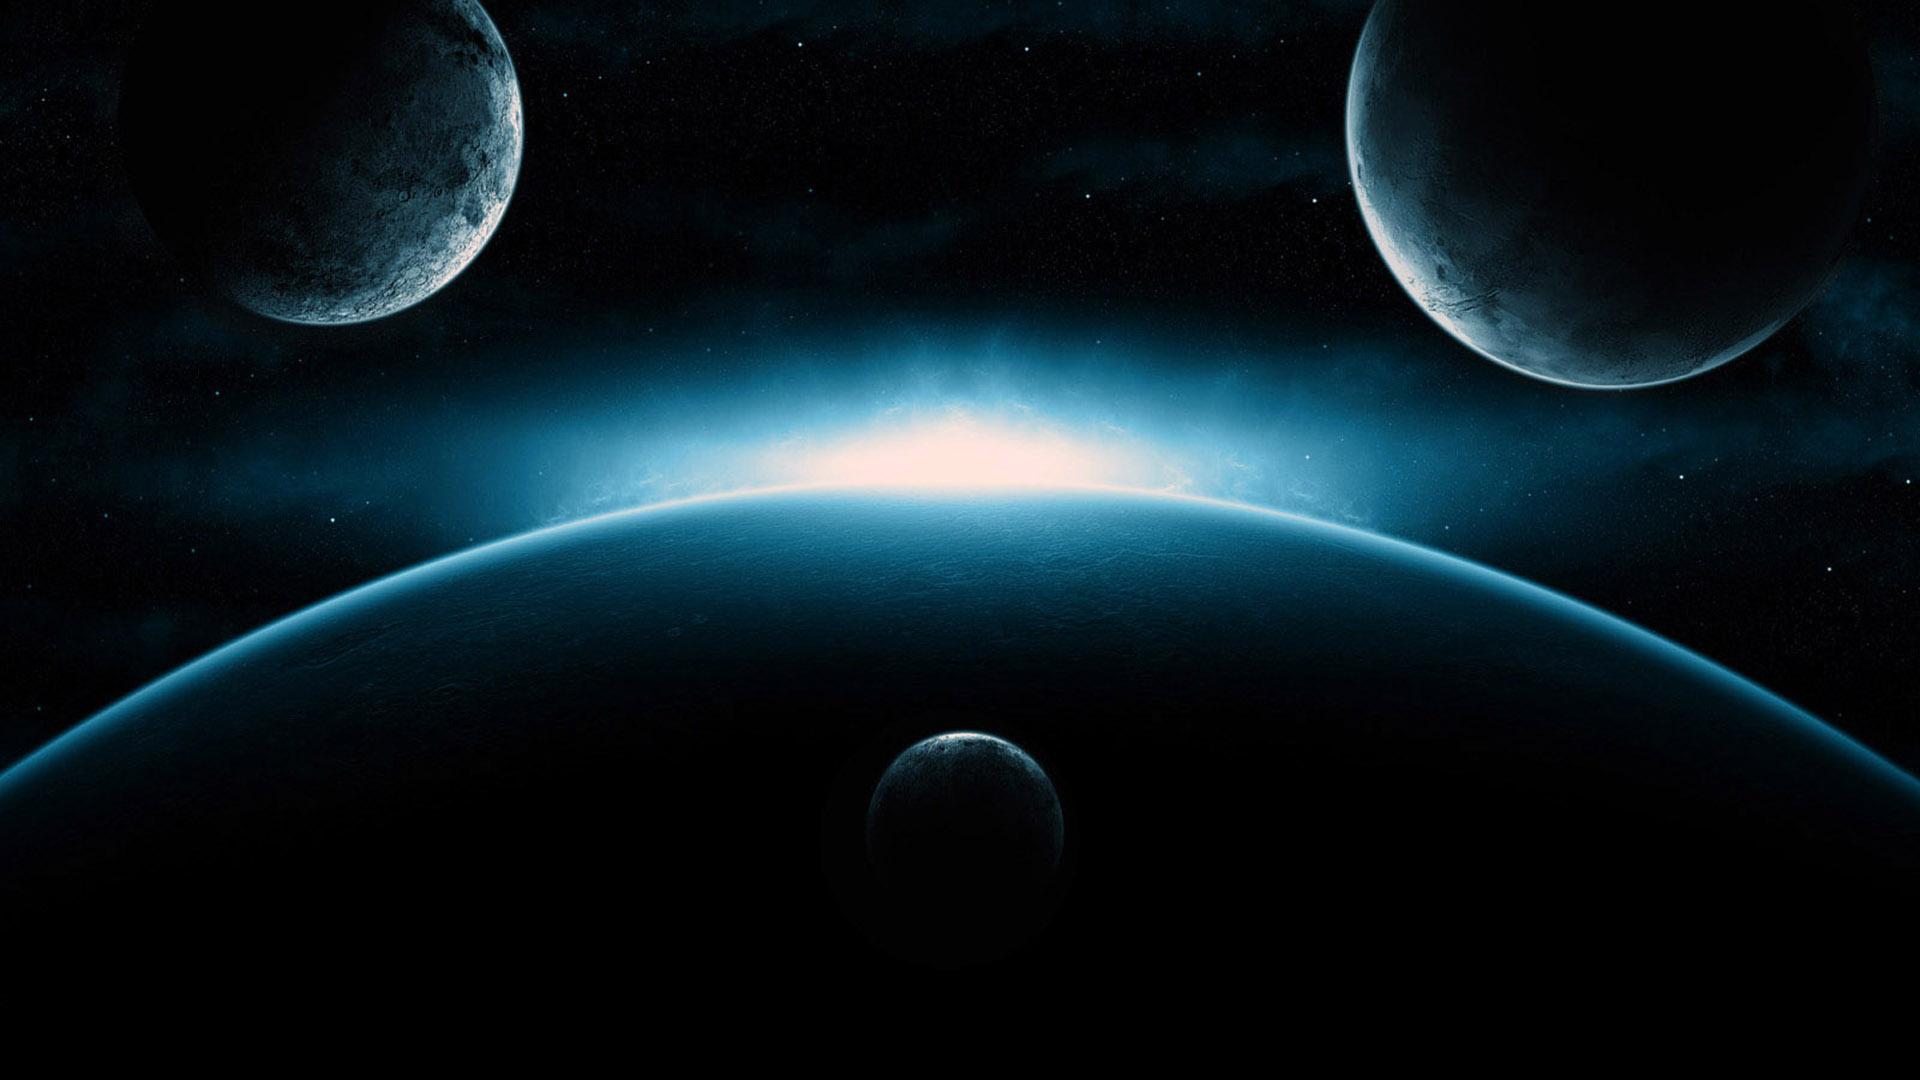 планеты и космический свет, скачать фото